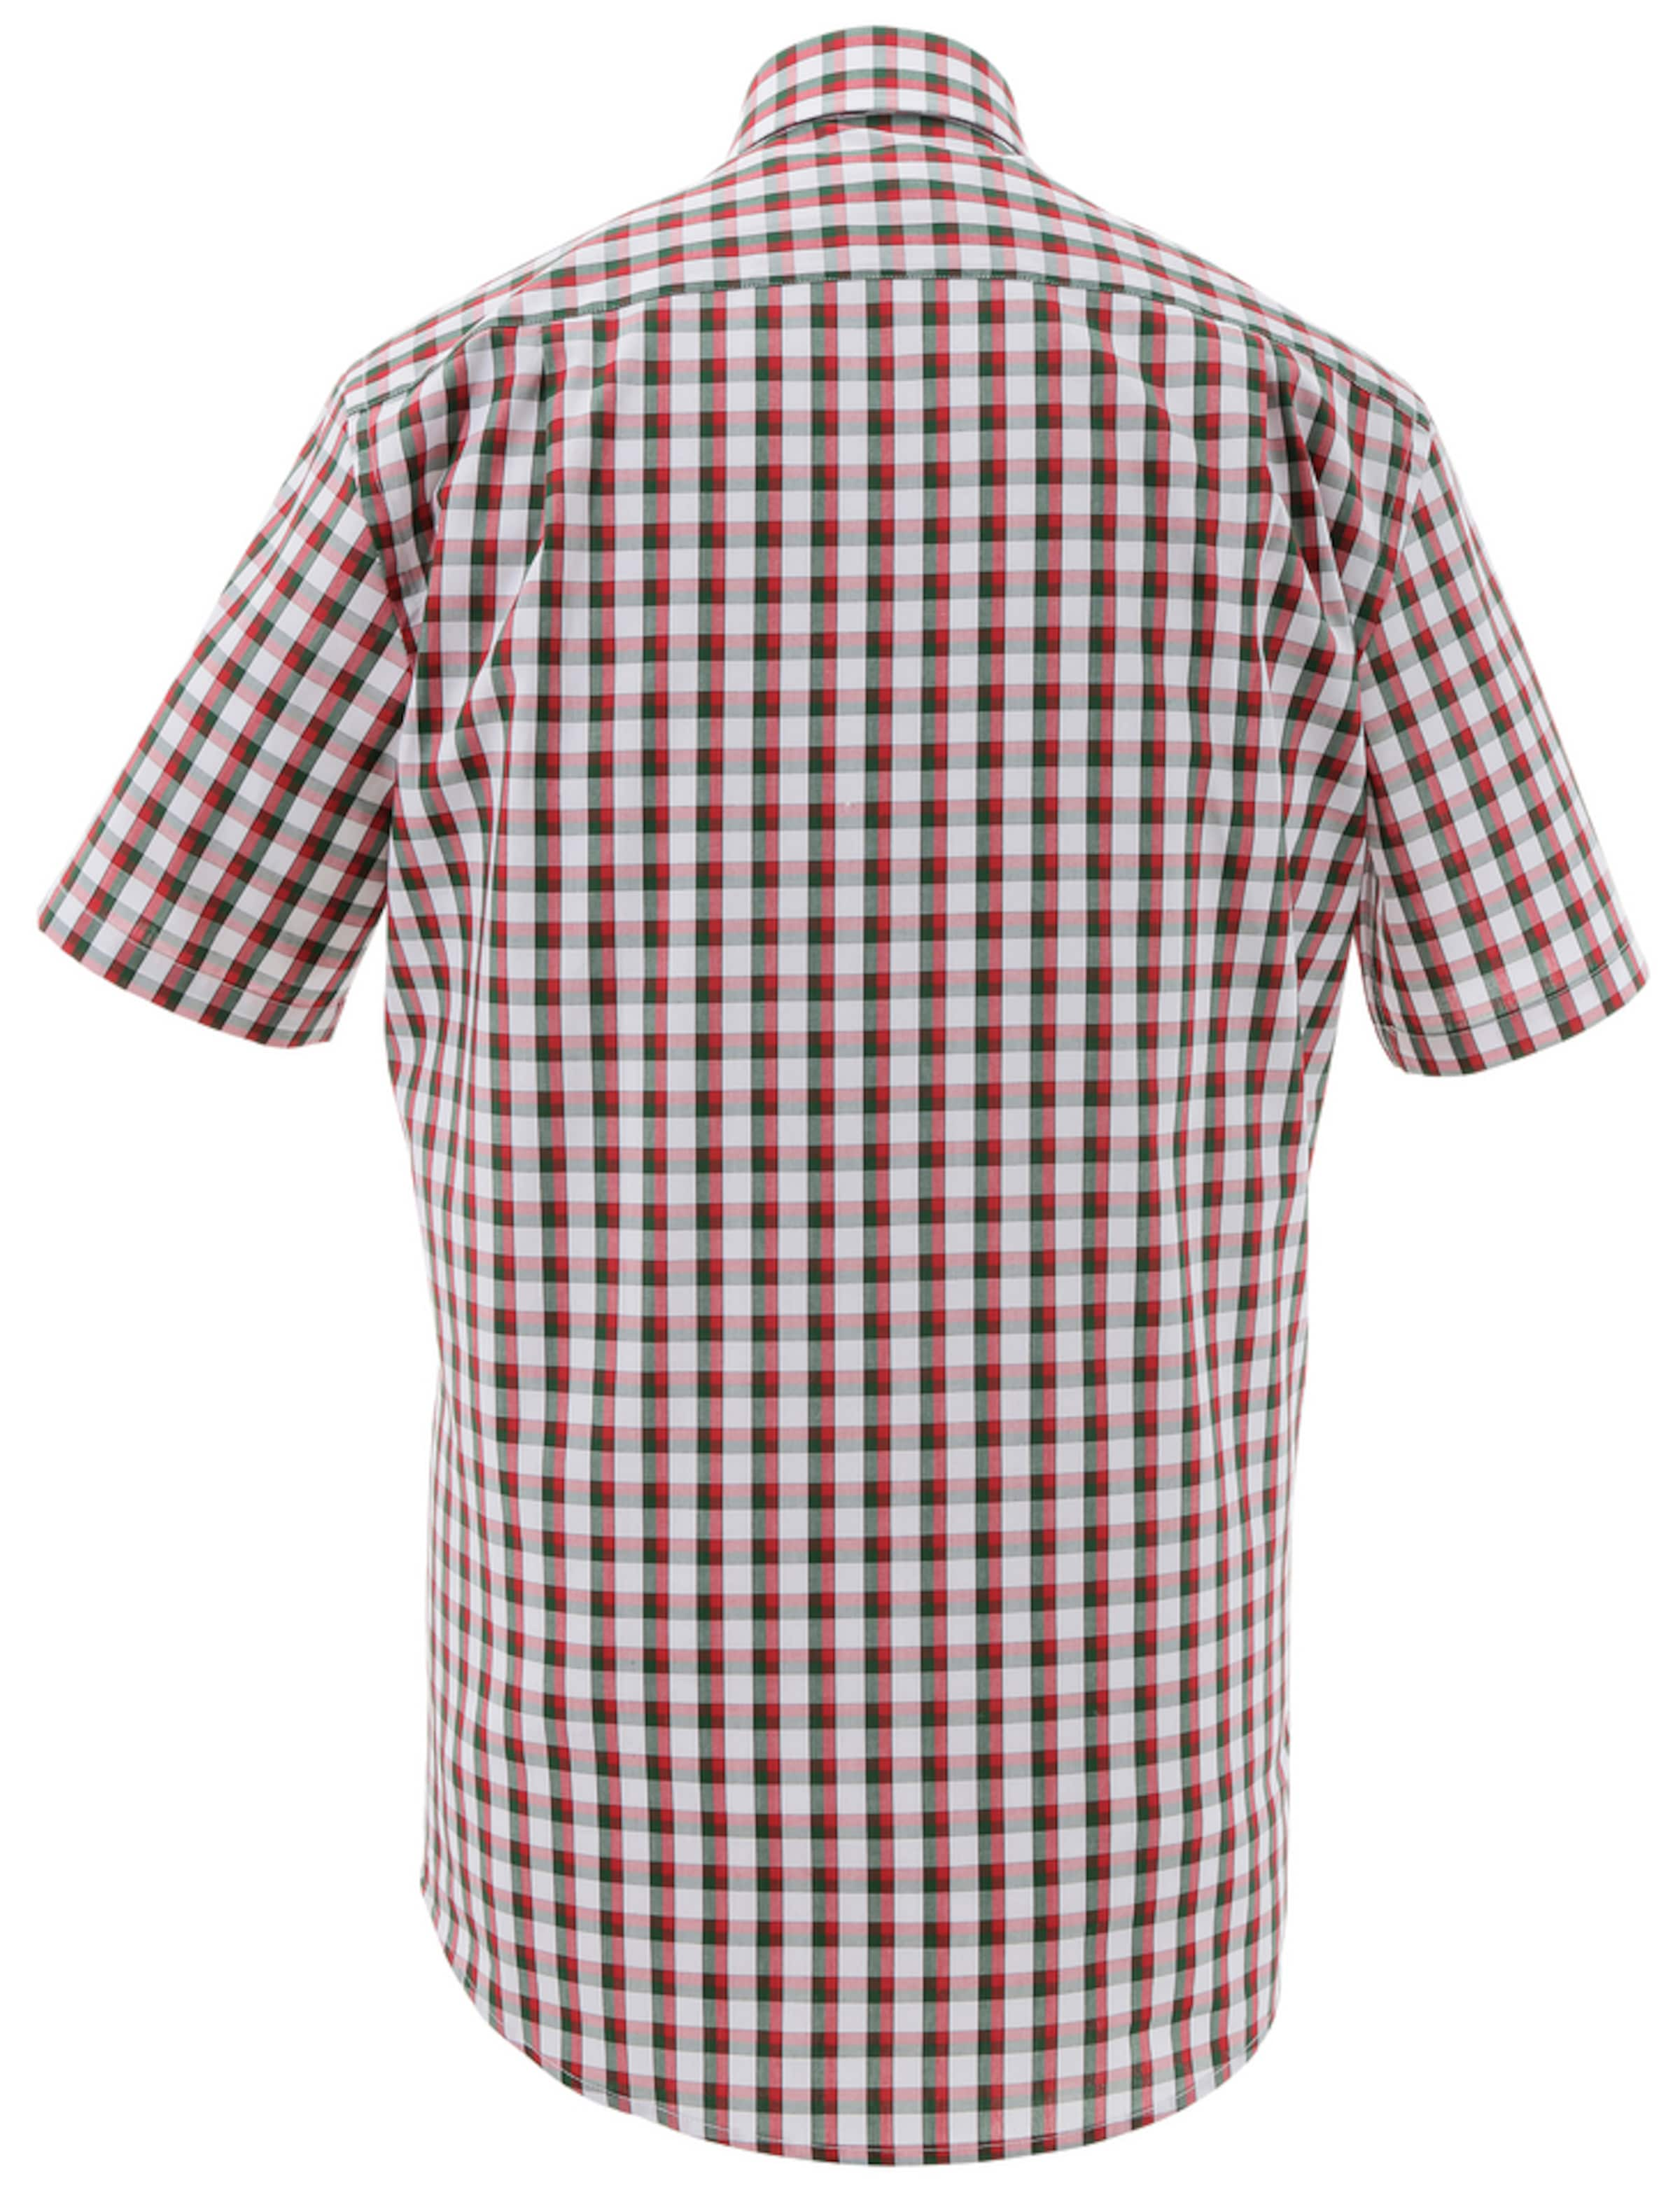 Verkaufsschlager Viele Arten Von Günstigem Preis ALMSACH Trachtenhemd kariert in frischer Farbkombination Billige Visum Zahlung Bester Großhandel Zu Verkaufen Verkauf Extrem rkrg8K5ThF